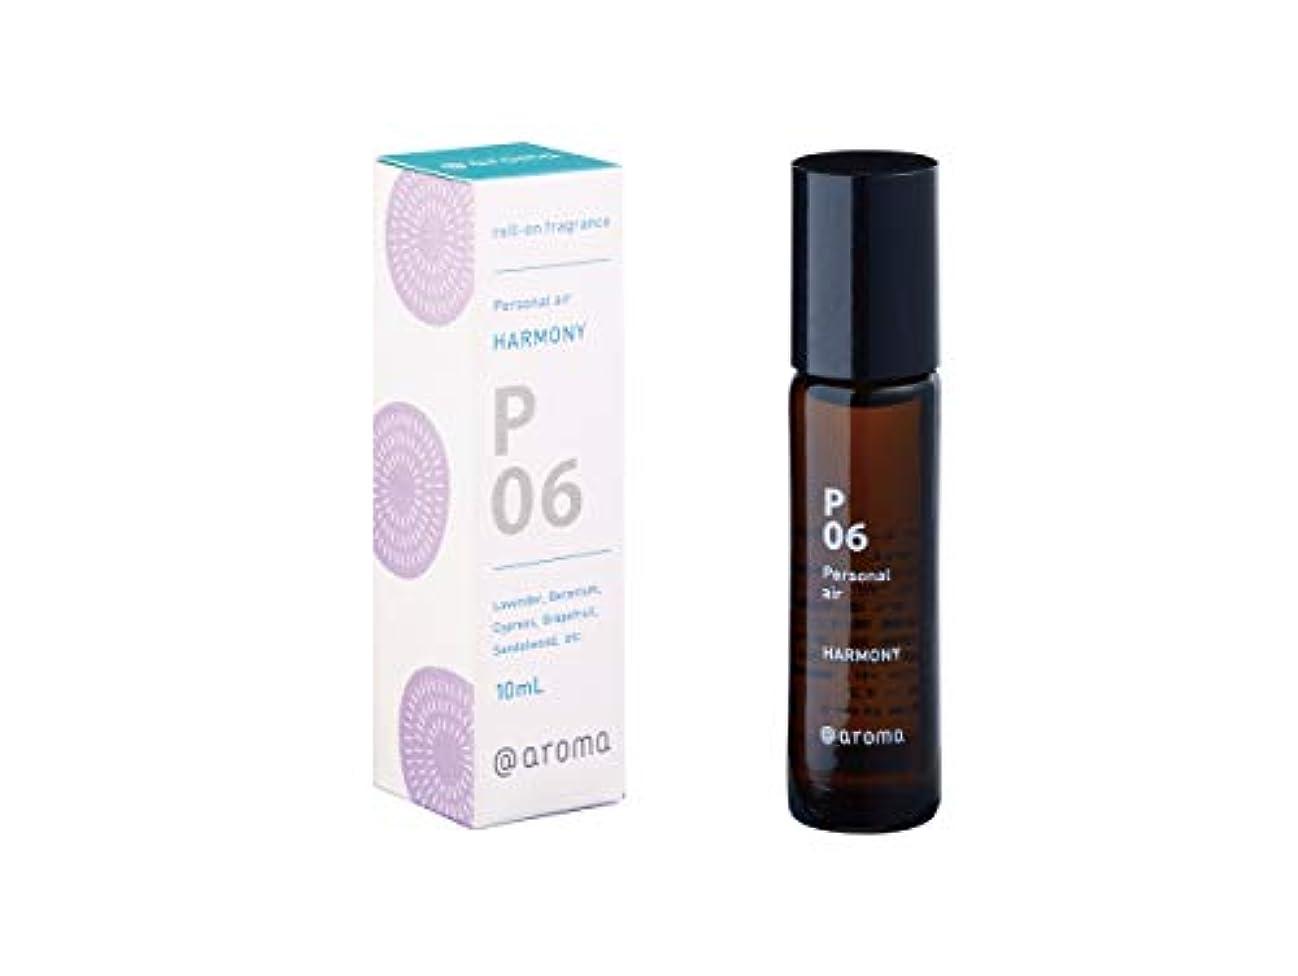 コロニー欠如恐怖症P06 HARMONY roll-on fragrance Personal air 10ml